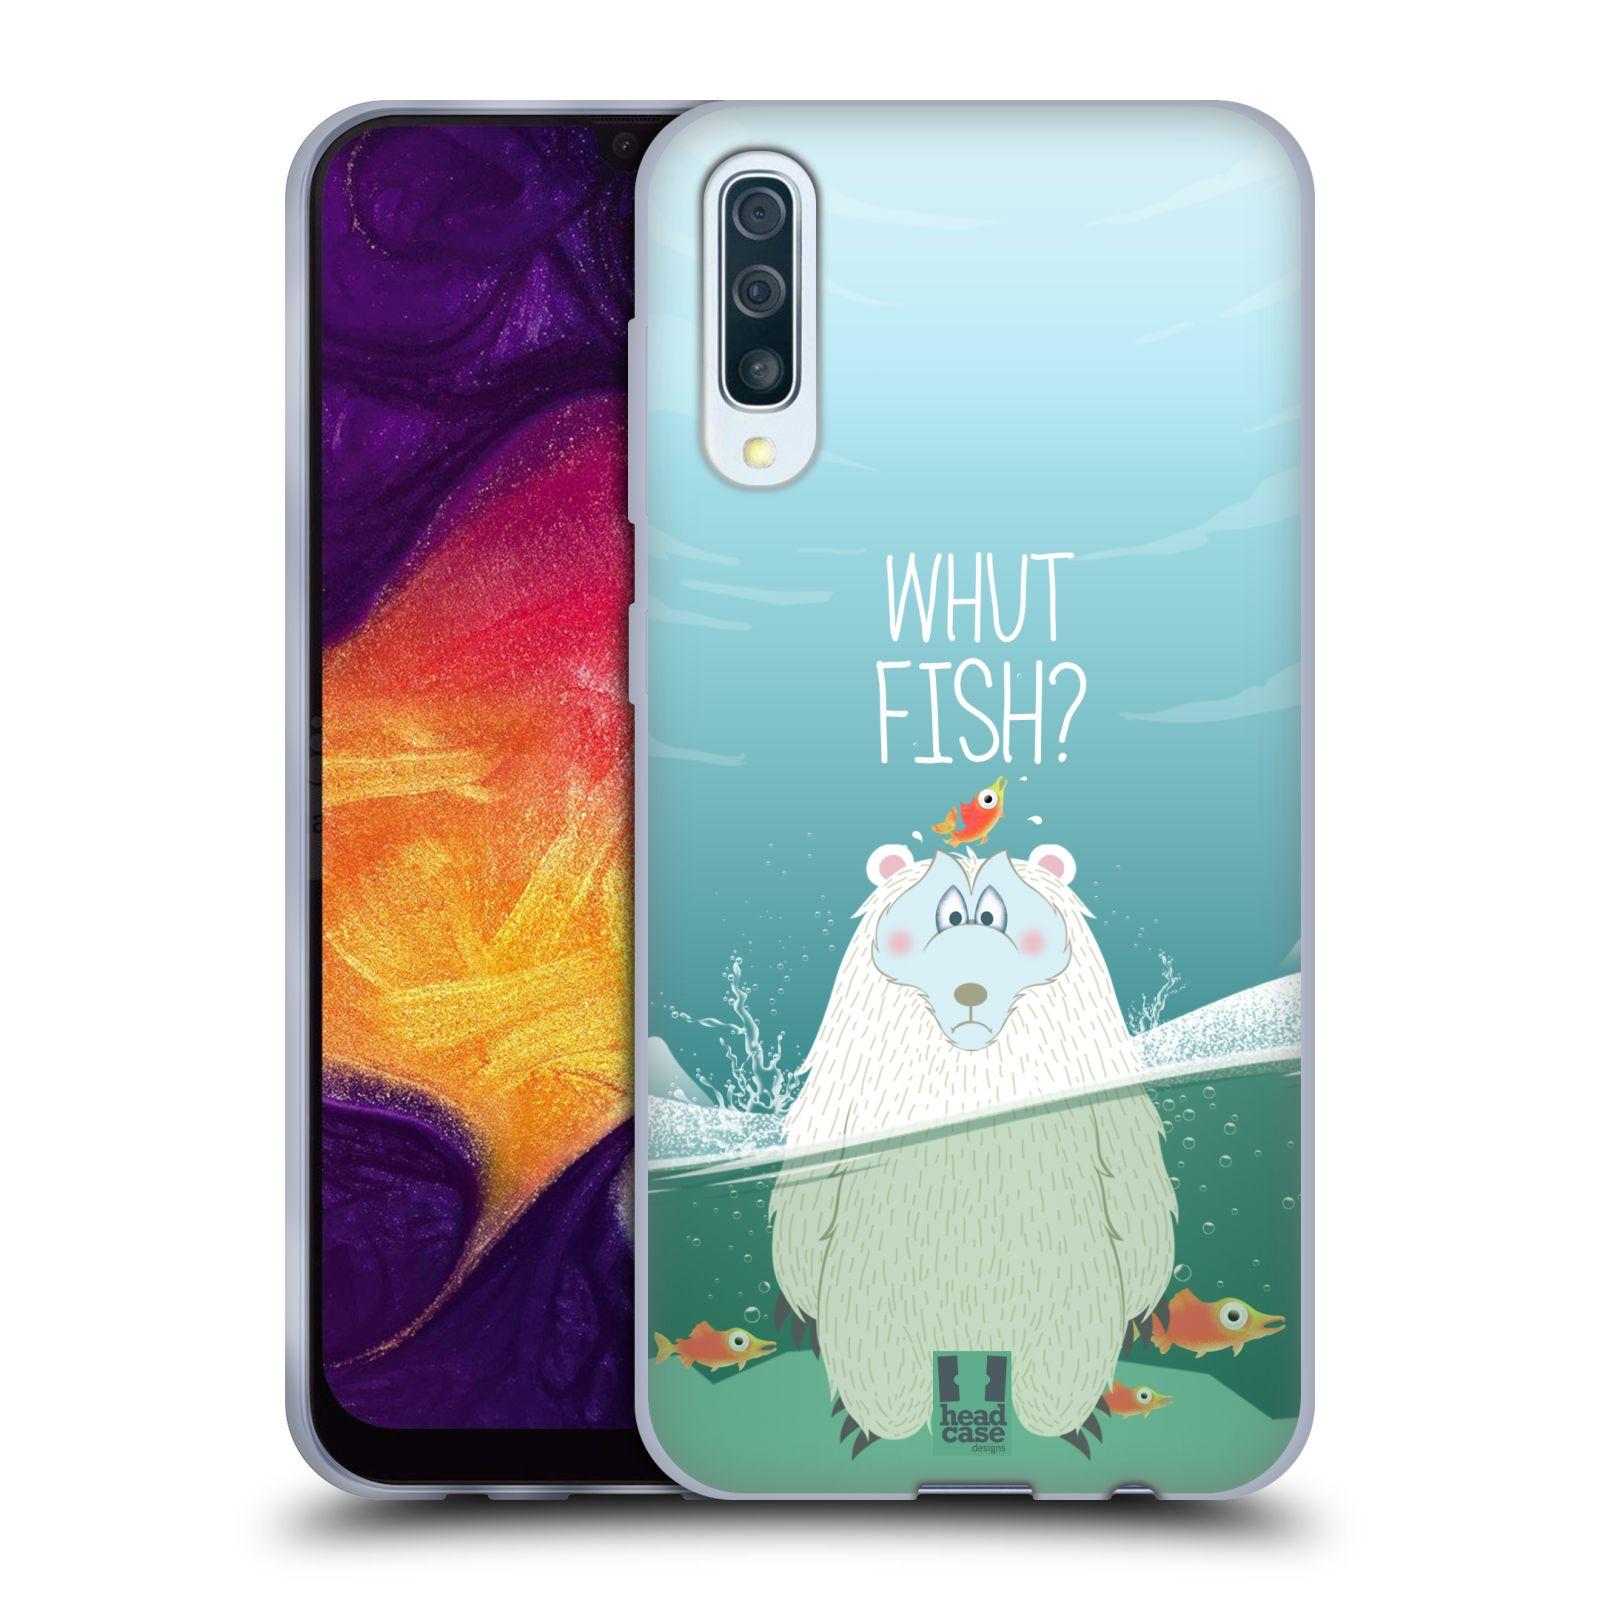 Silikonové pouzdro na mobil Samsung Galaxy A50 / A30s - Head Case - Medvěd Whut Fish?